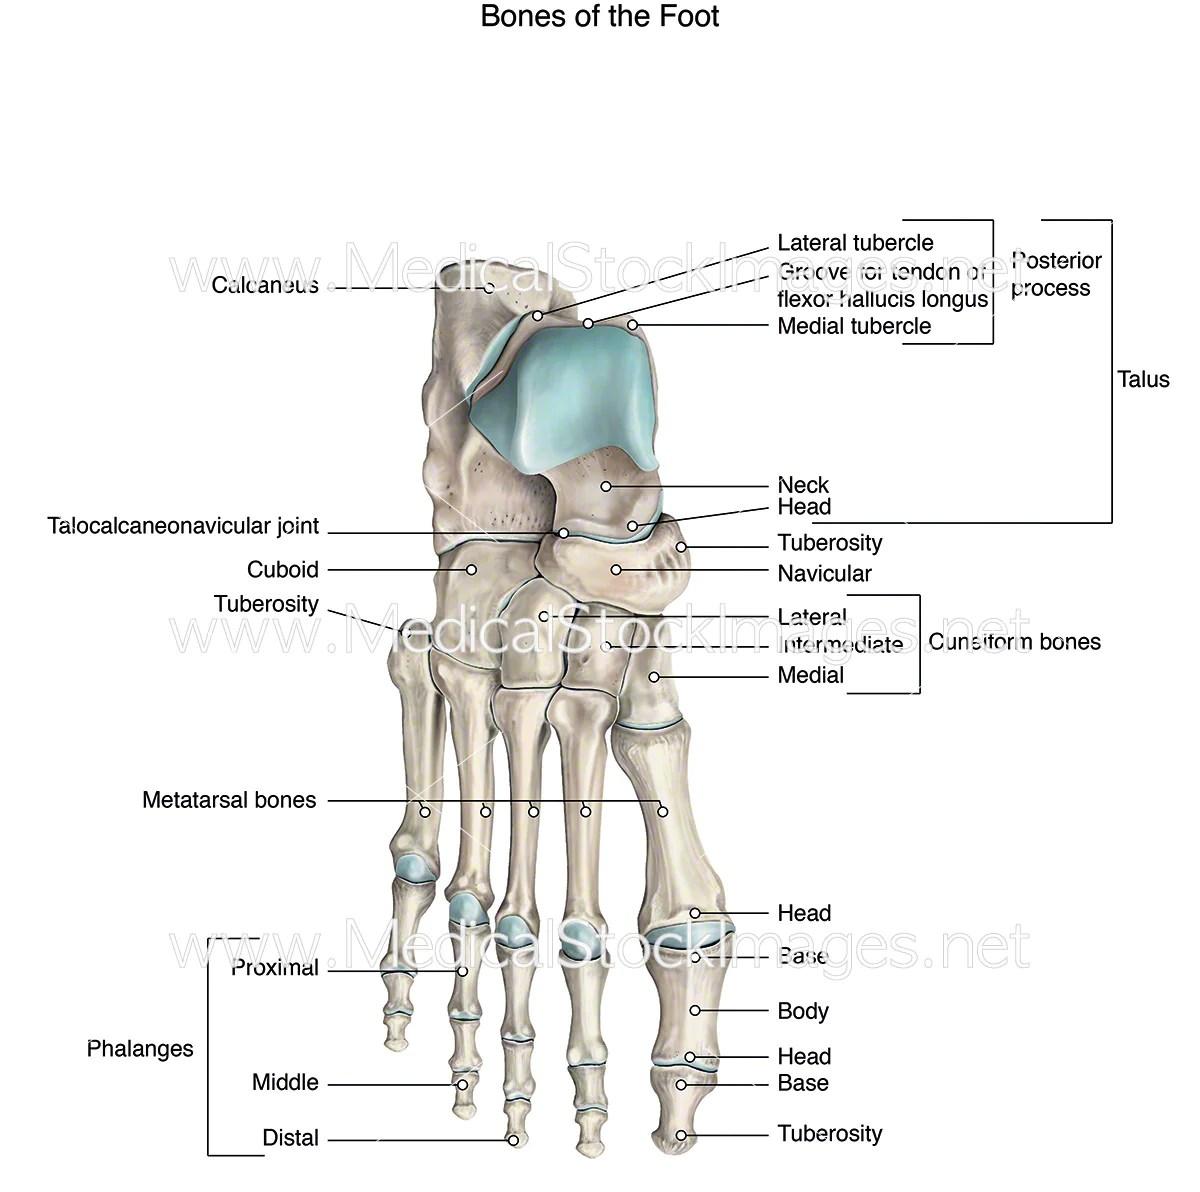 medium resolution of medical diagram of foot